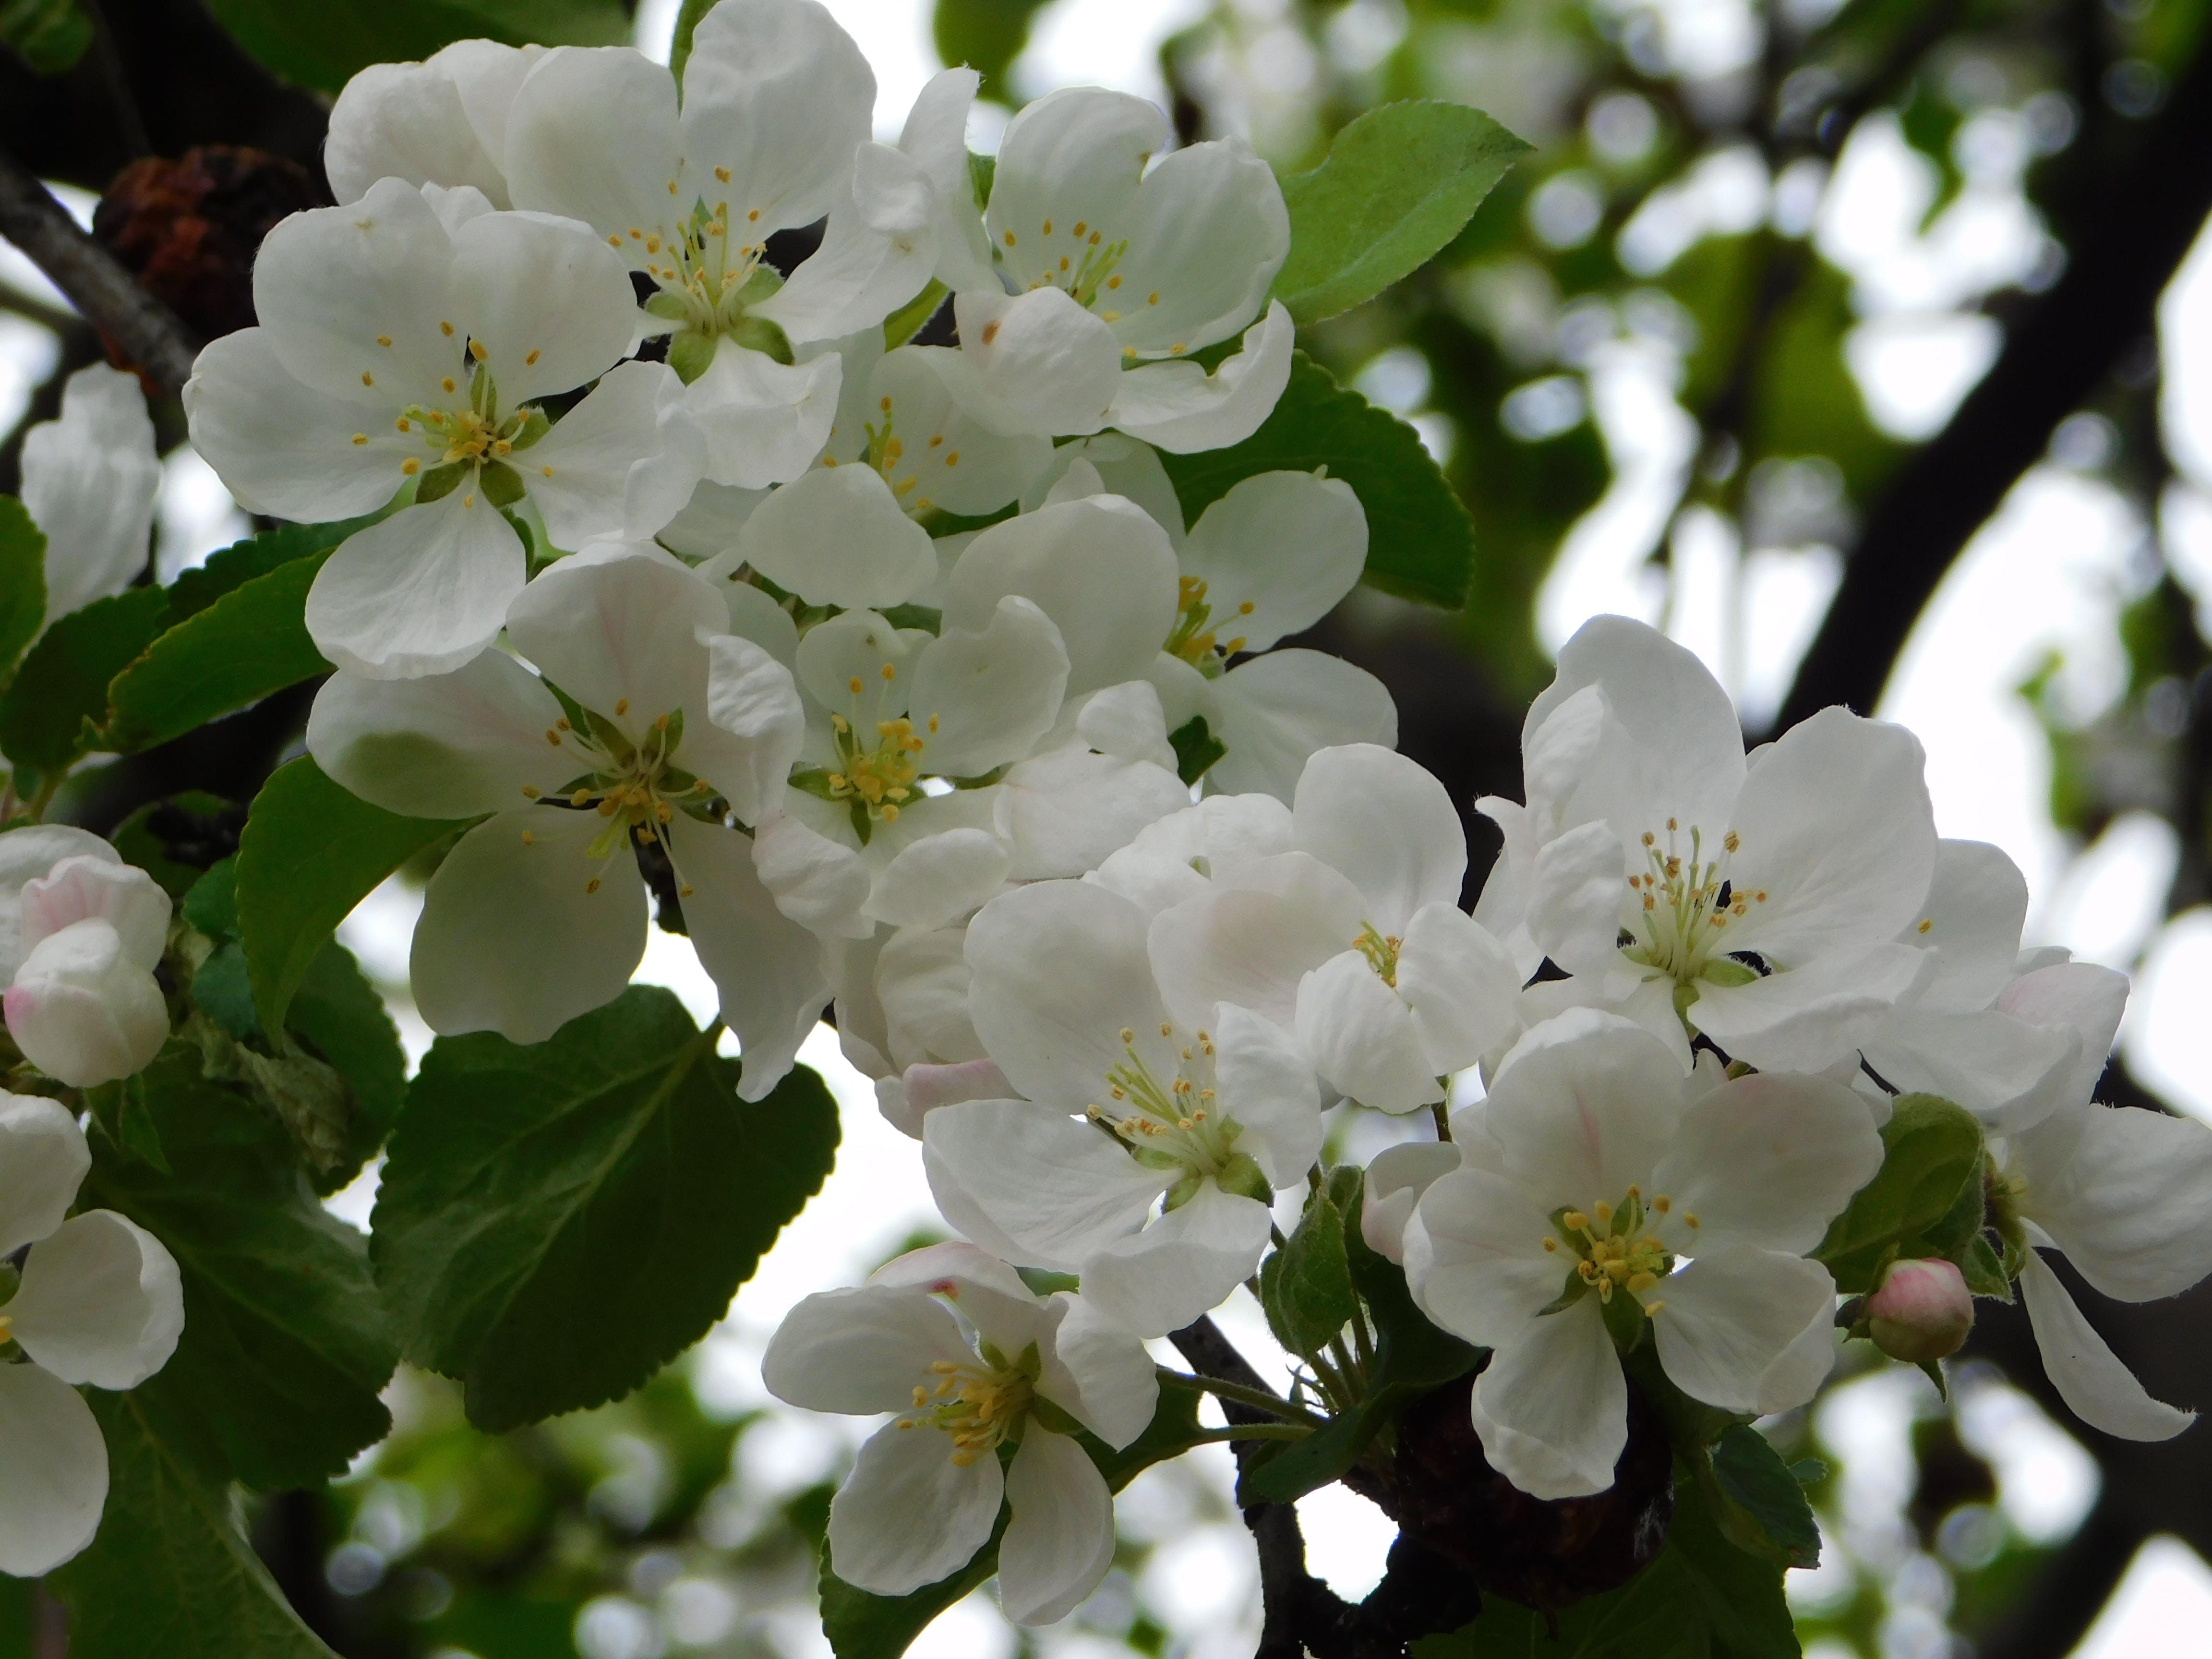 Fotos de stock gratuitas de fondo de pantalla de flores